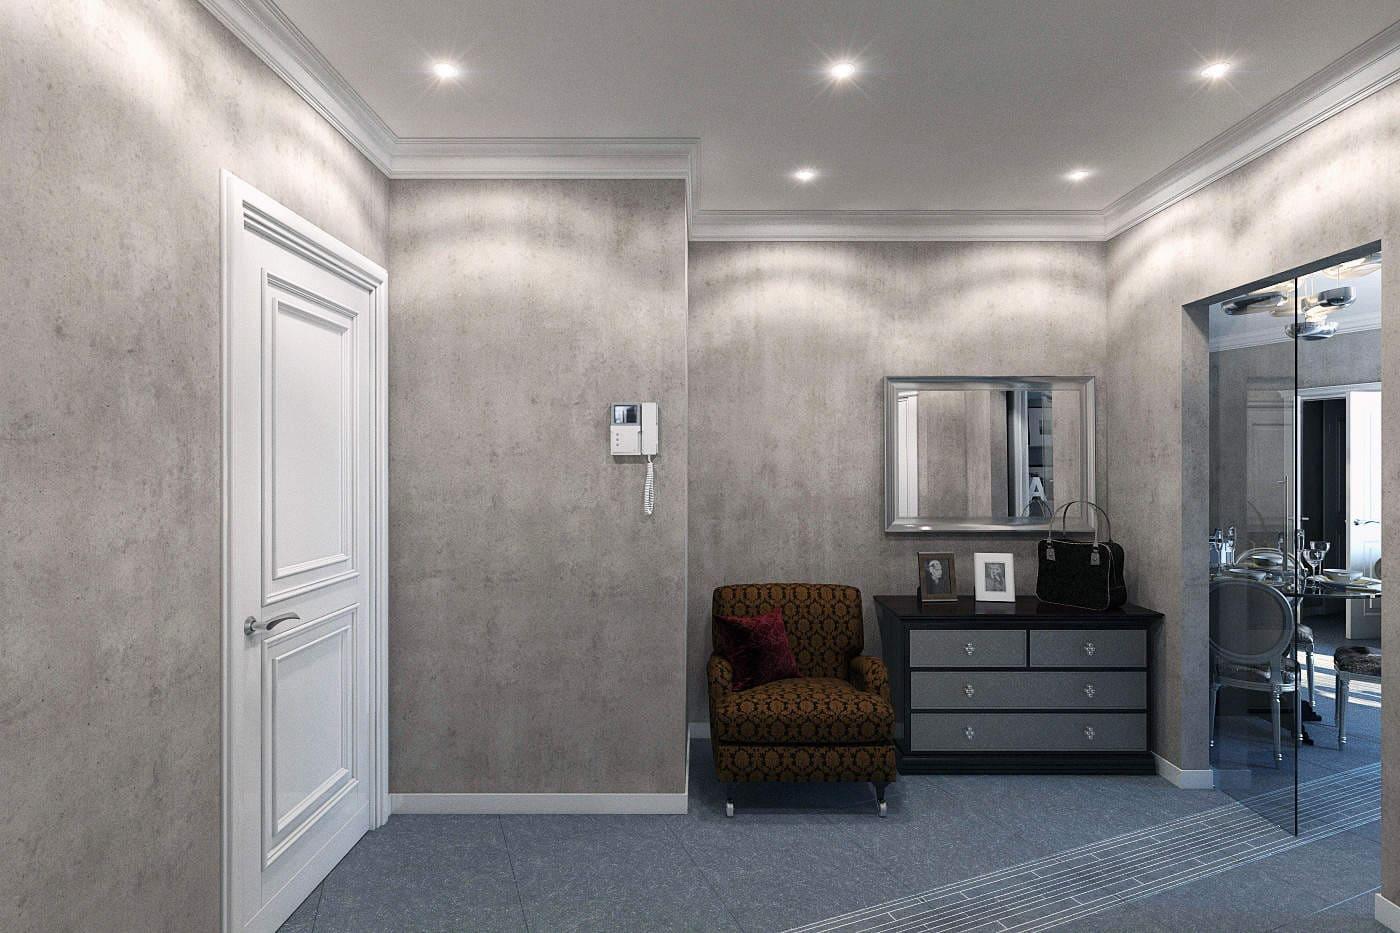 Варианты интерьера в прихожей - камень, ламинат, плитка, фреска 004